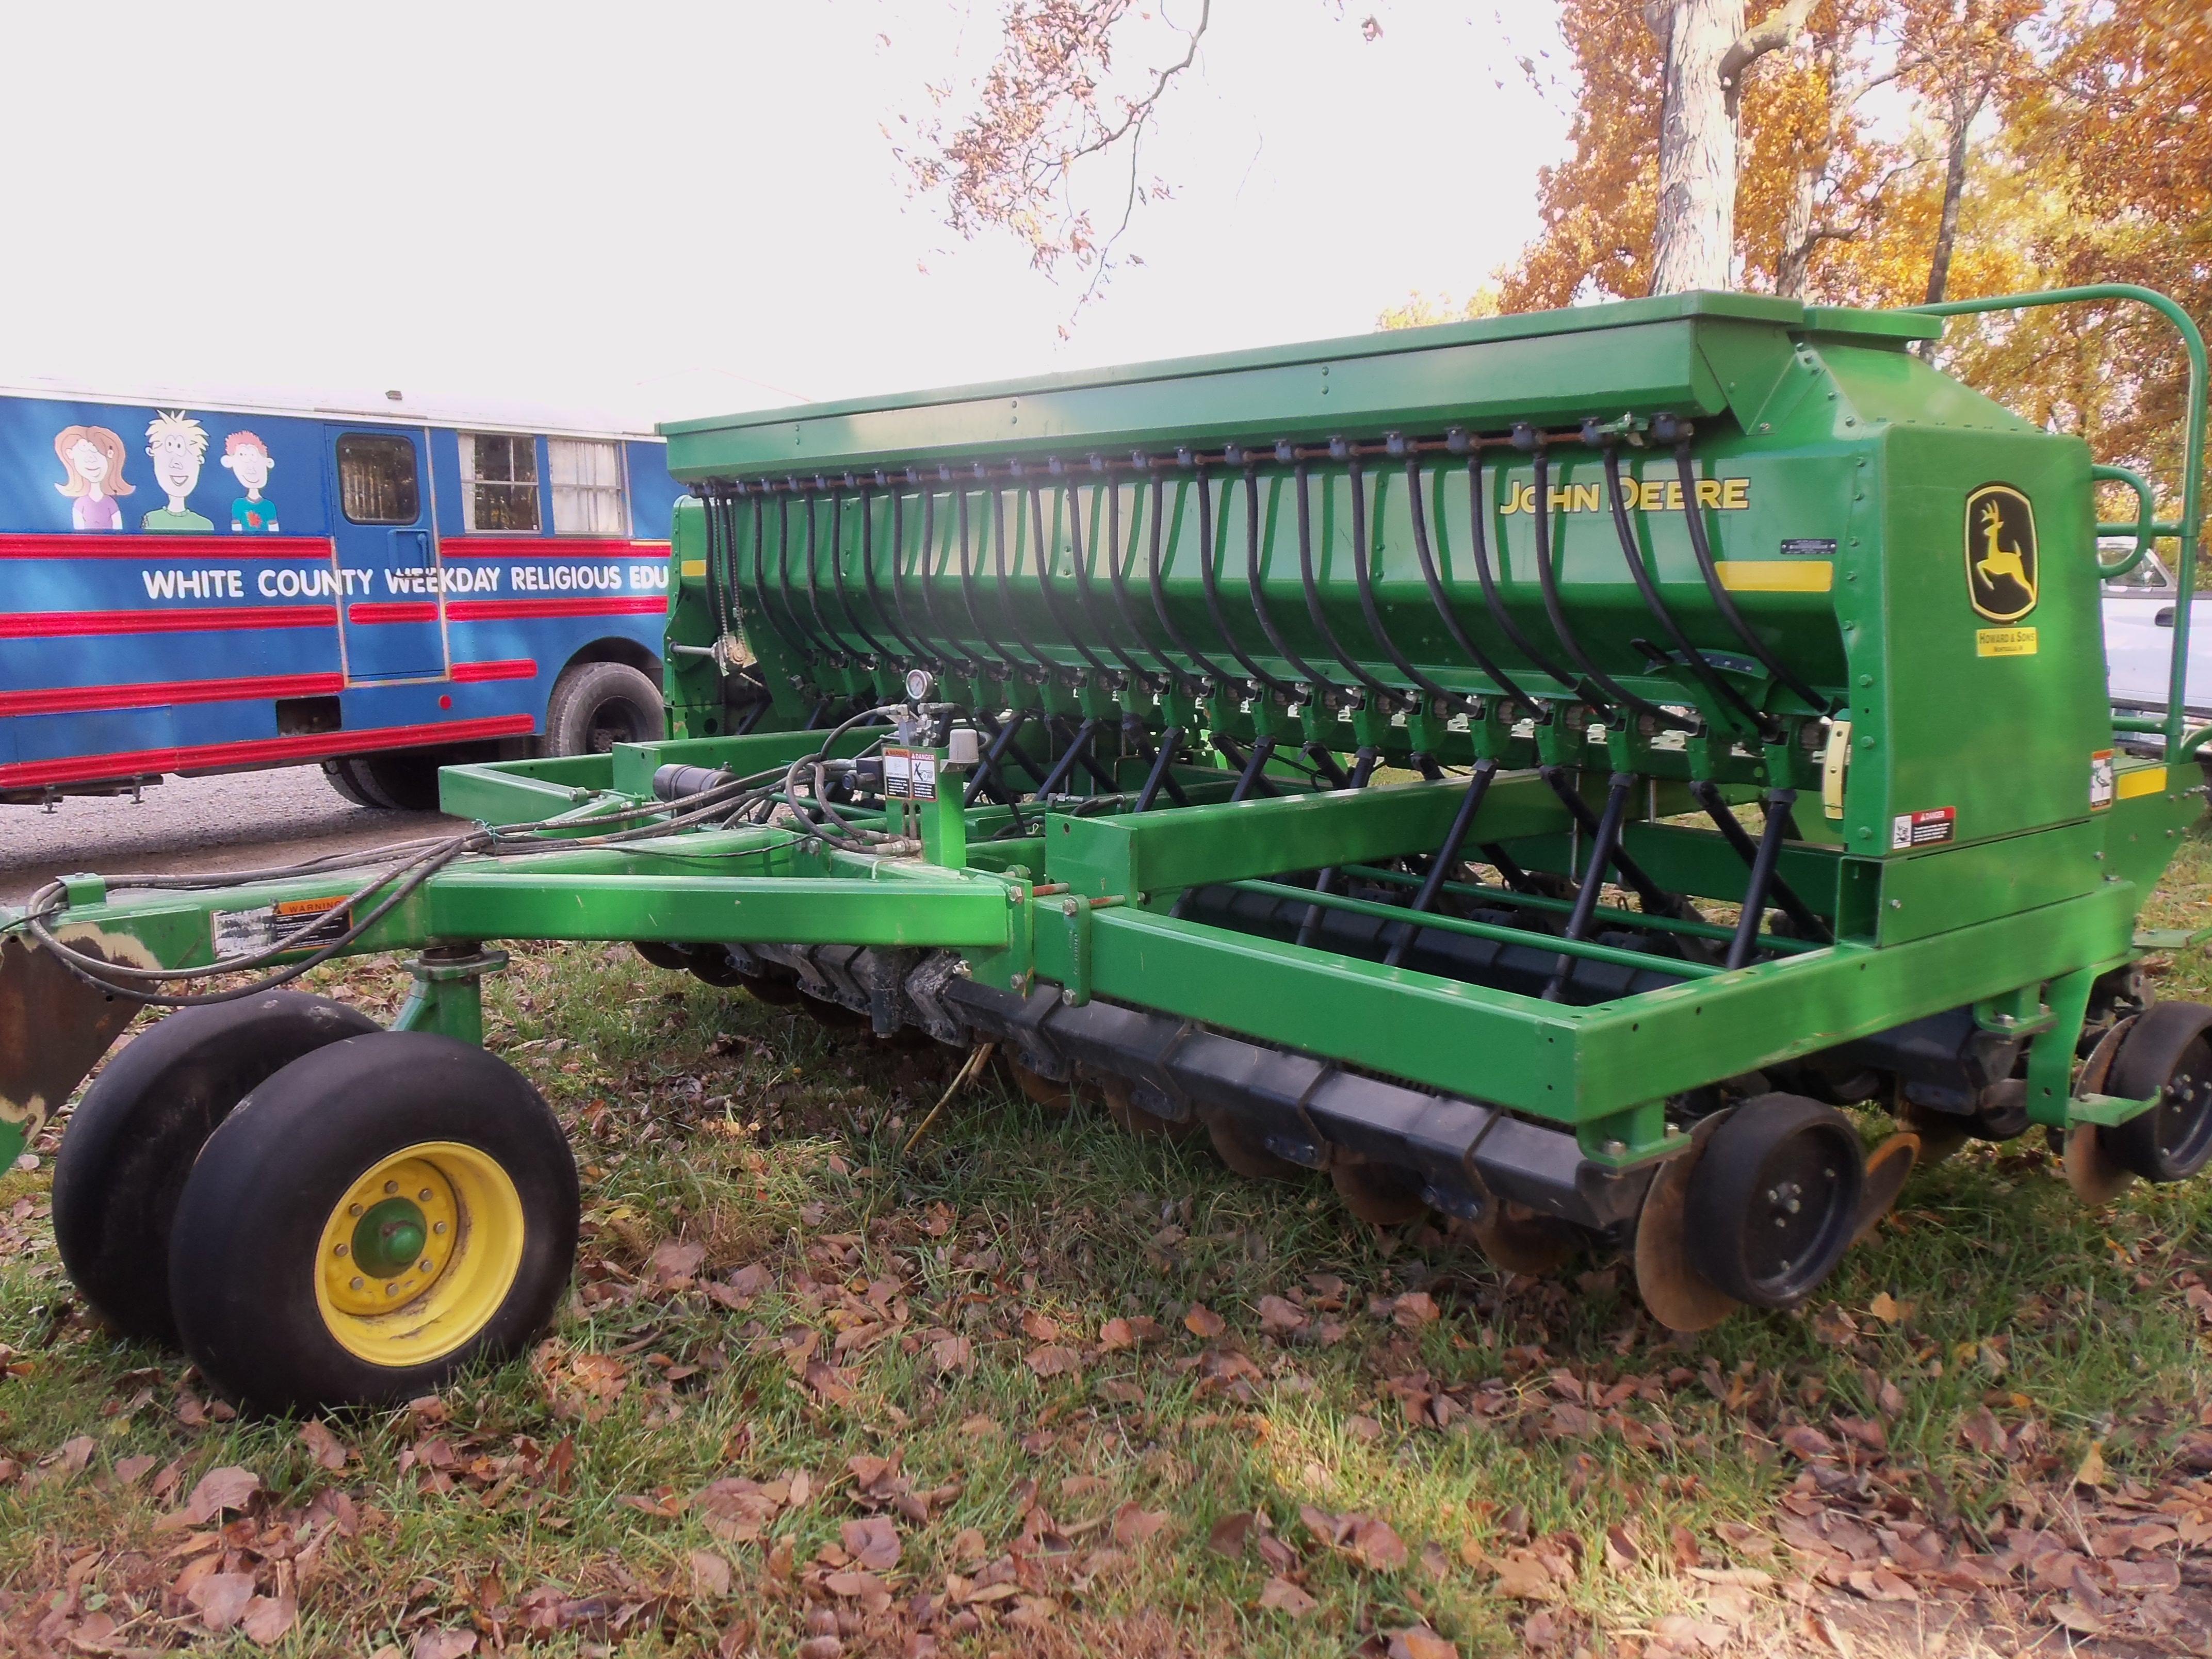 John Deere 1590 grain drill | John Deere equipment | Pinterest